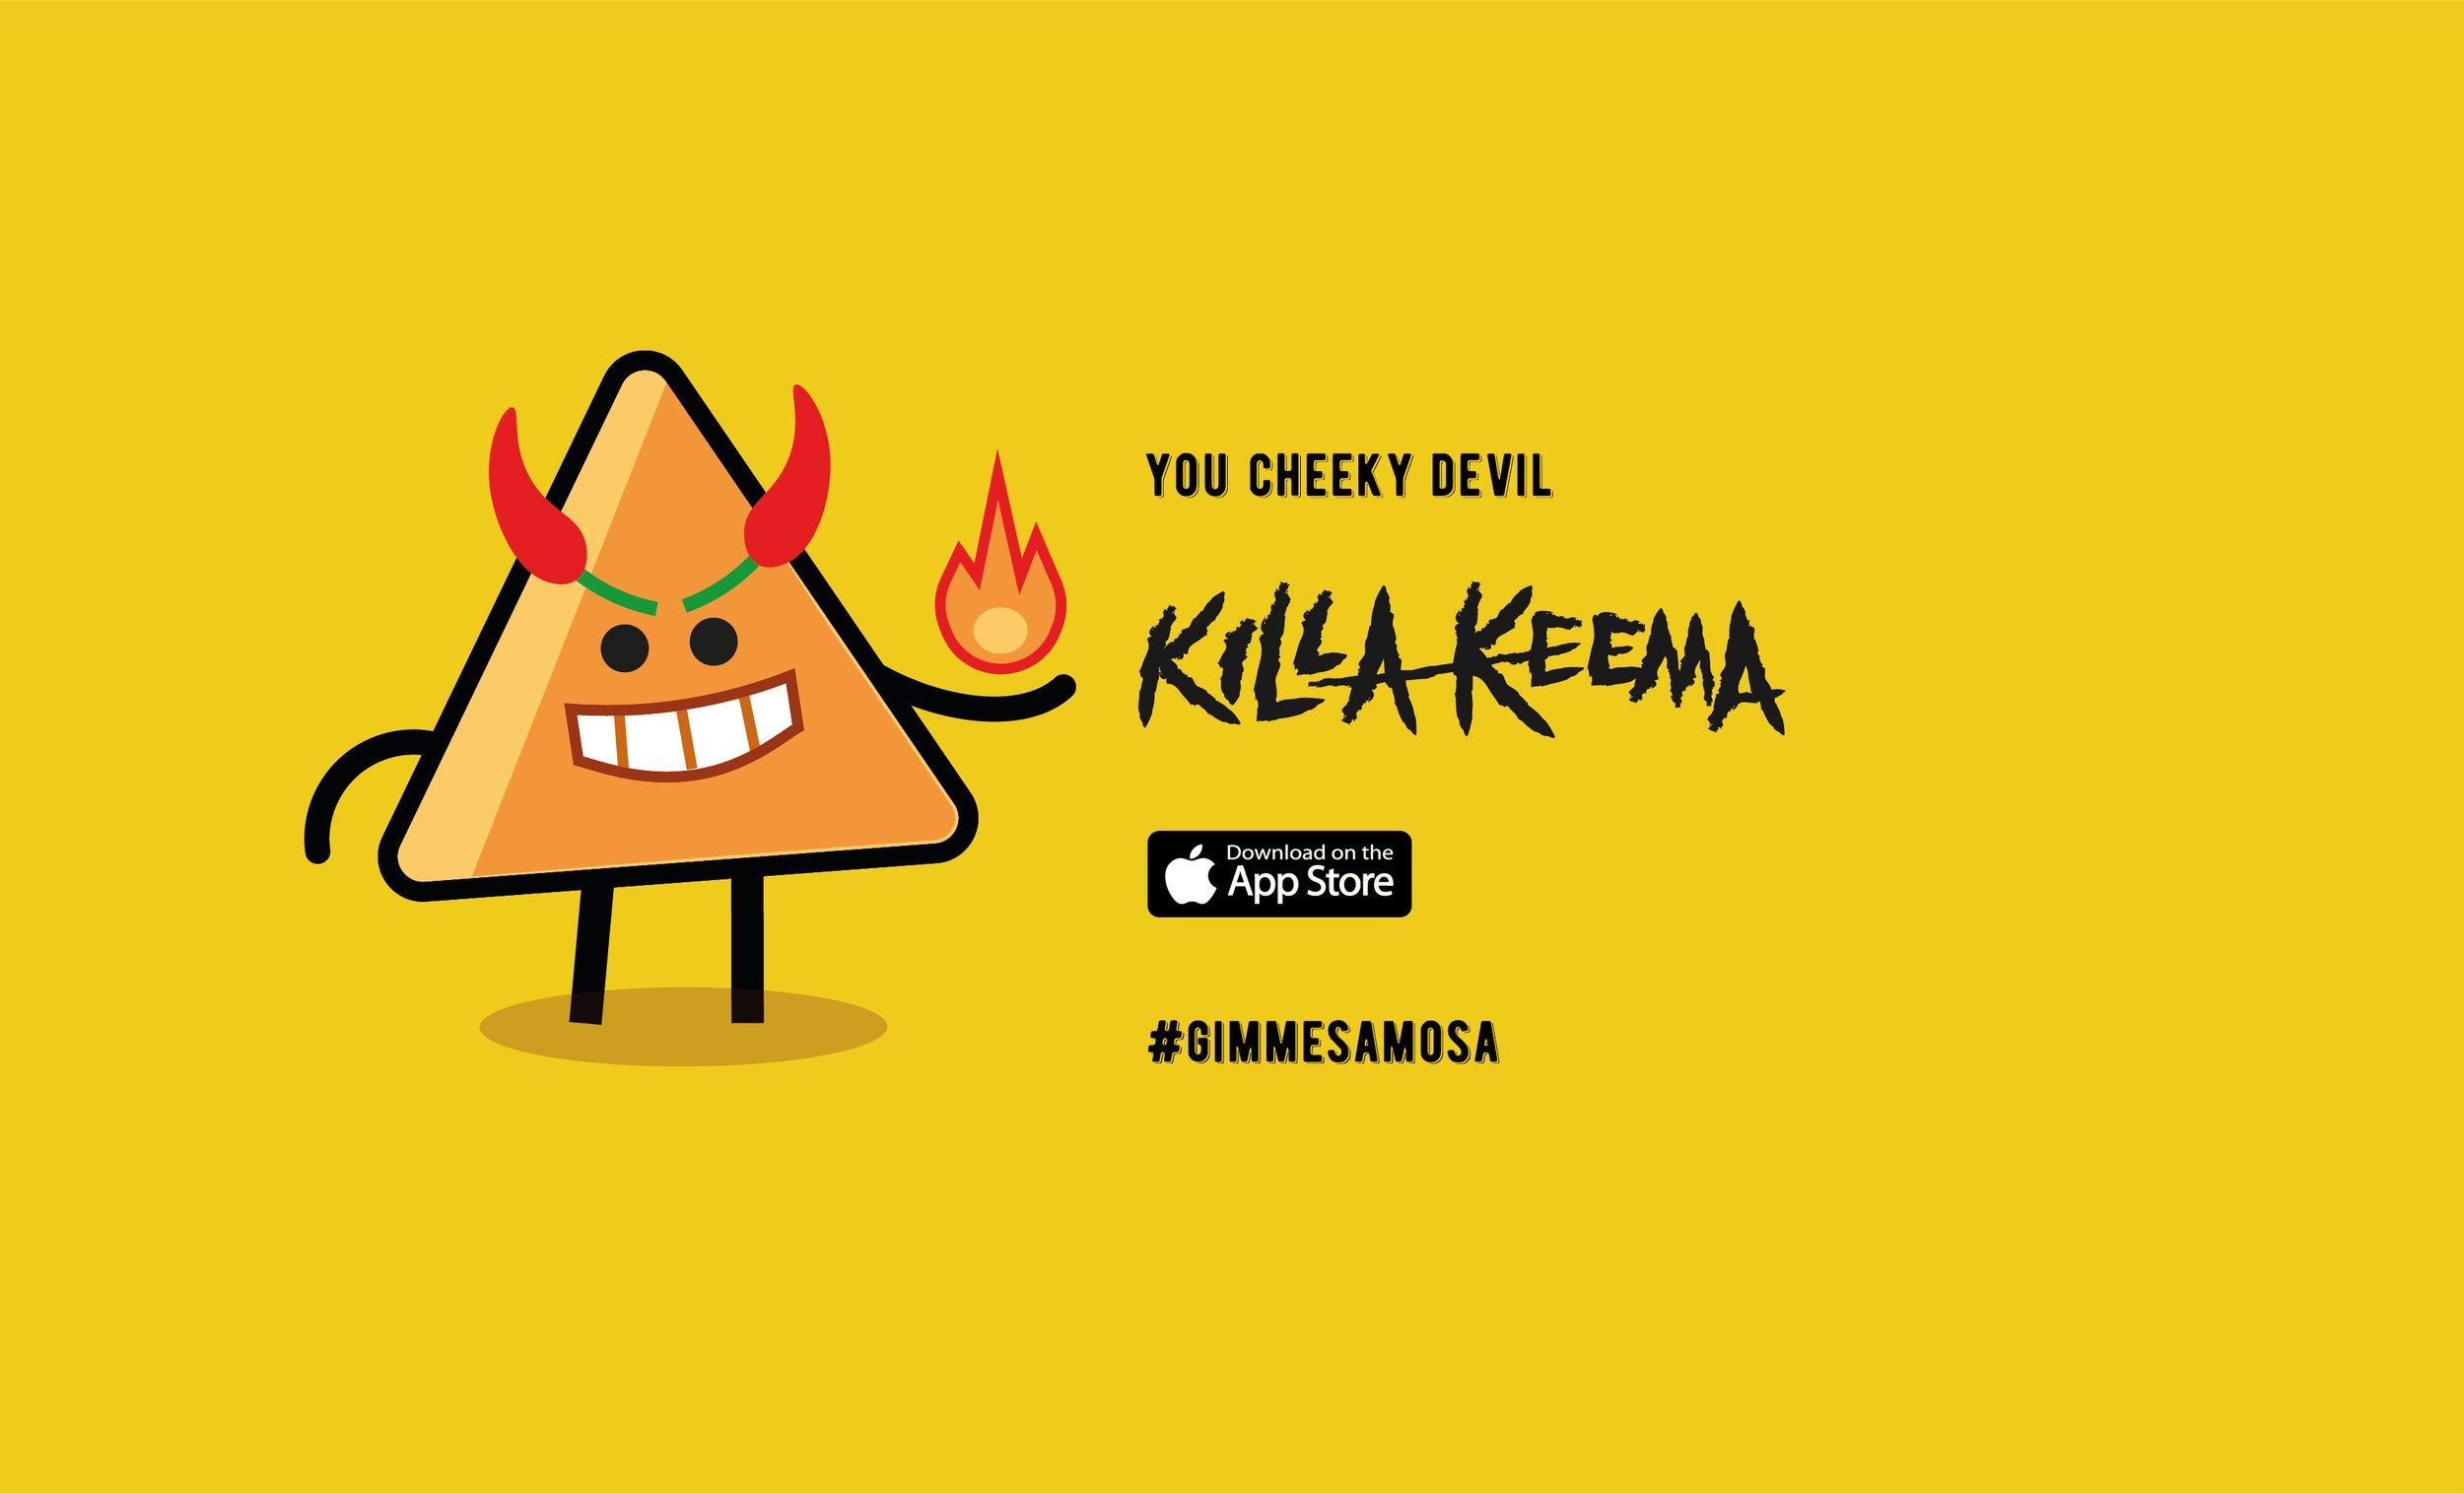 PKilla Keema Hero Image.jpg